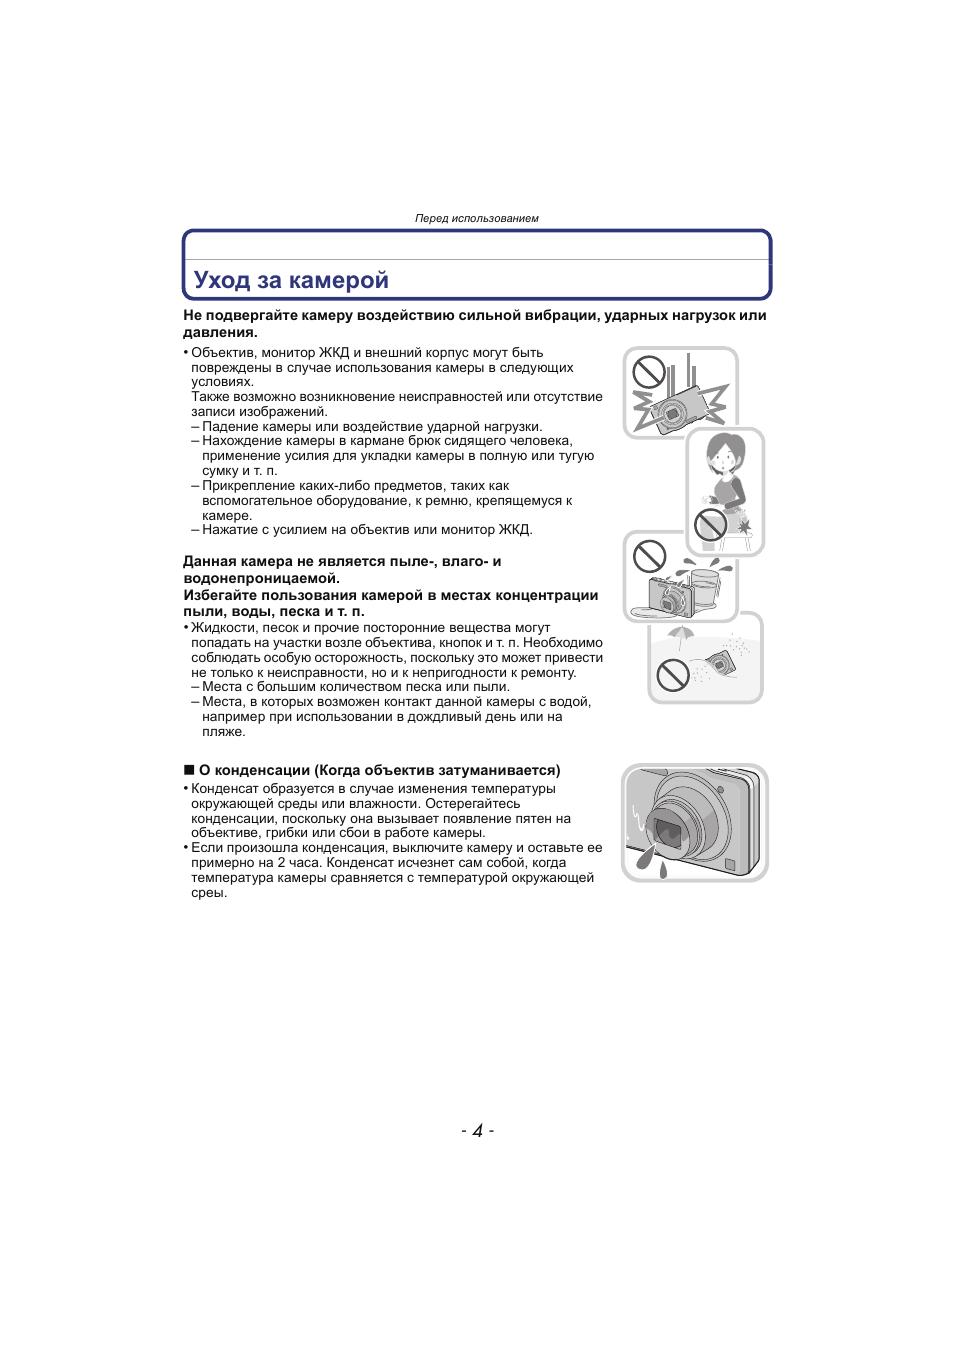 Перед использованием, Уход за камерой Инструкция по эксплуатации Panasonic DMC-SZ1 Страница 4 / 128